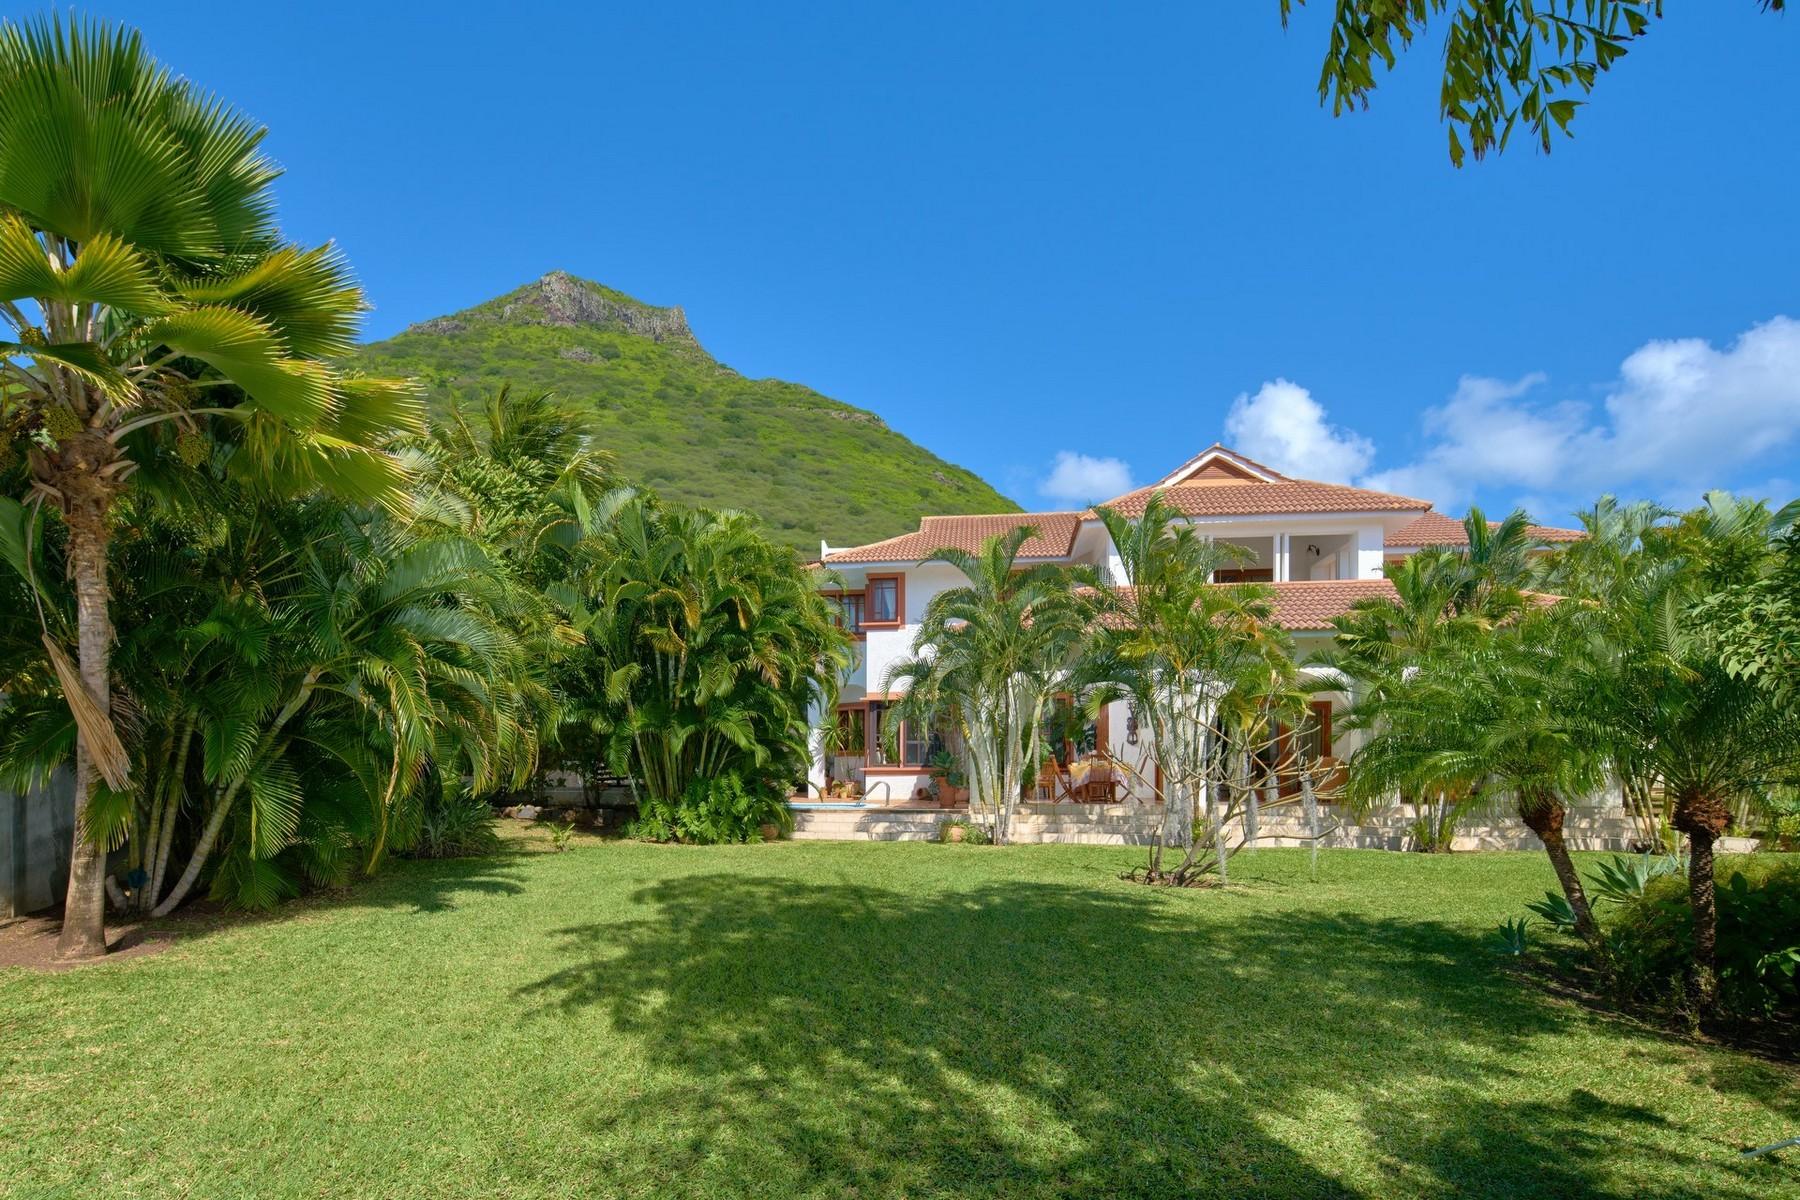 Casa Unifamiliar por un Venta en Accacia Tamarin, Black River, Mauricio